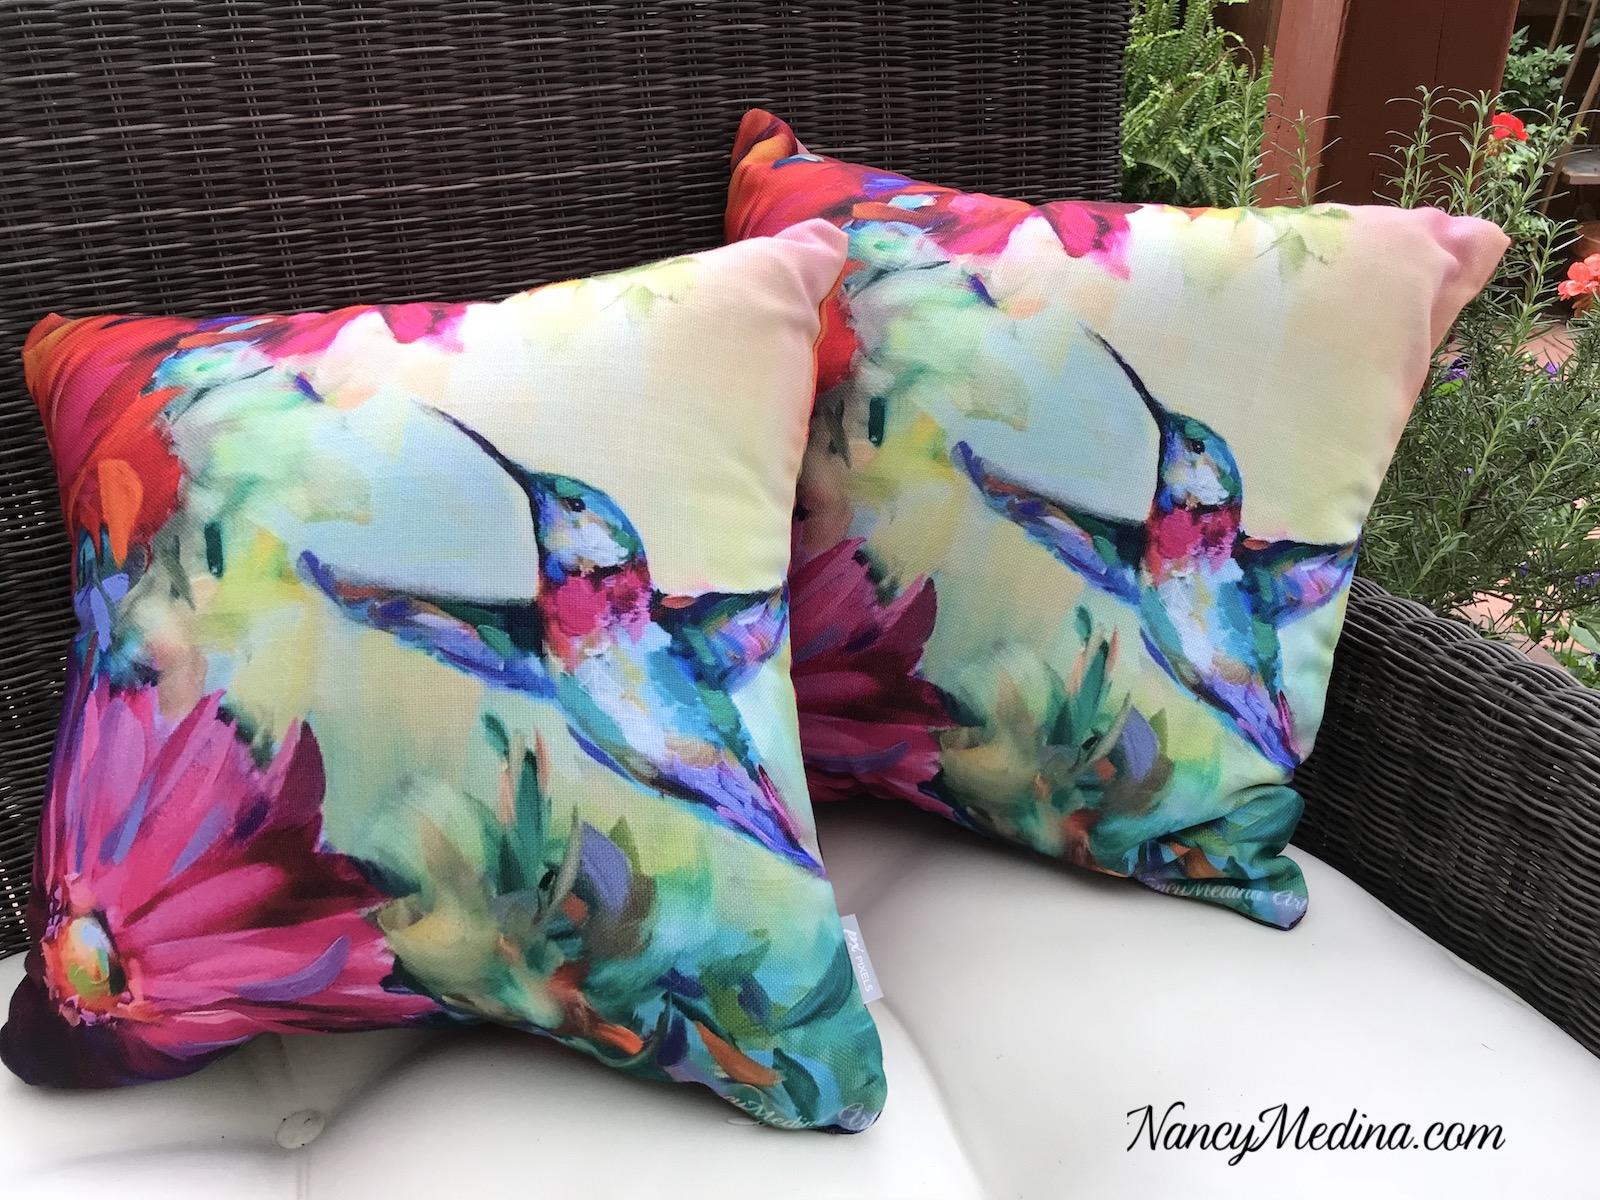 Hummer pillows